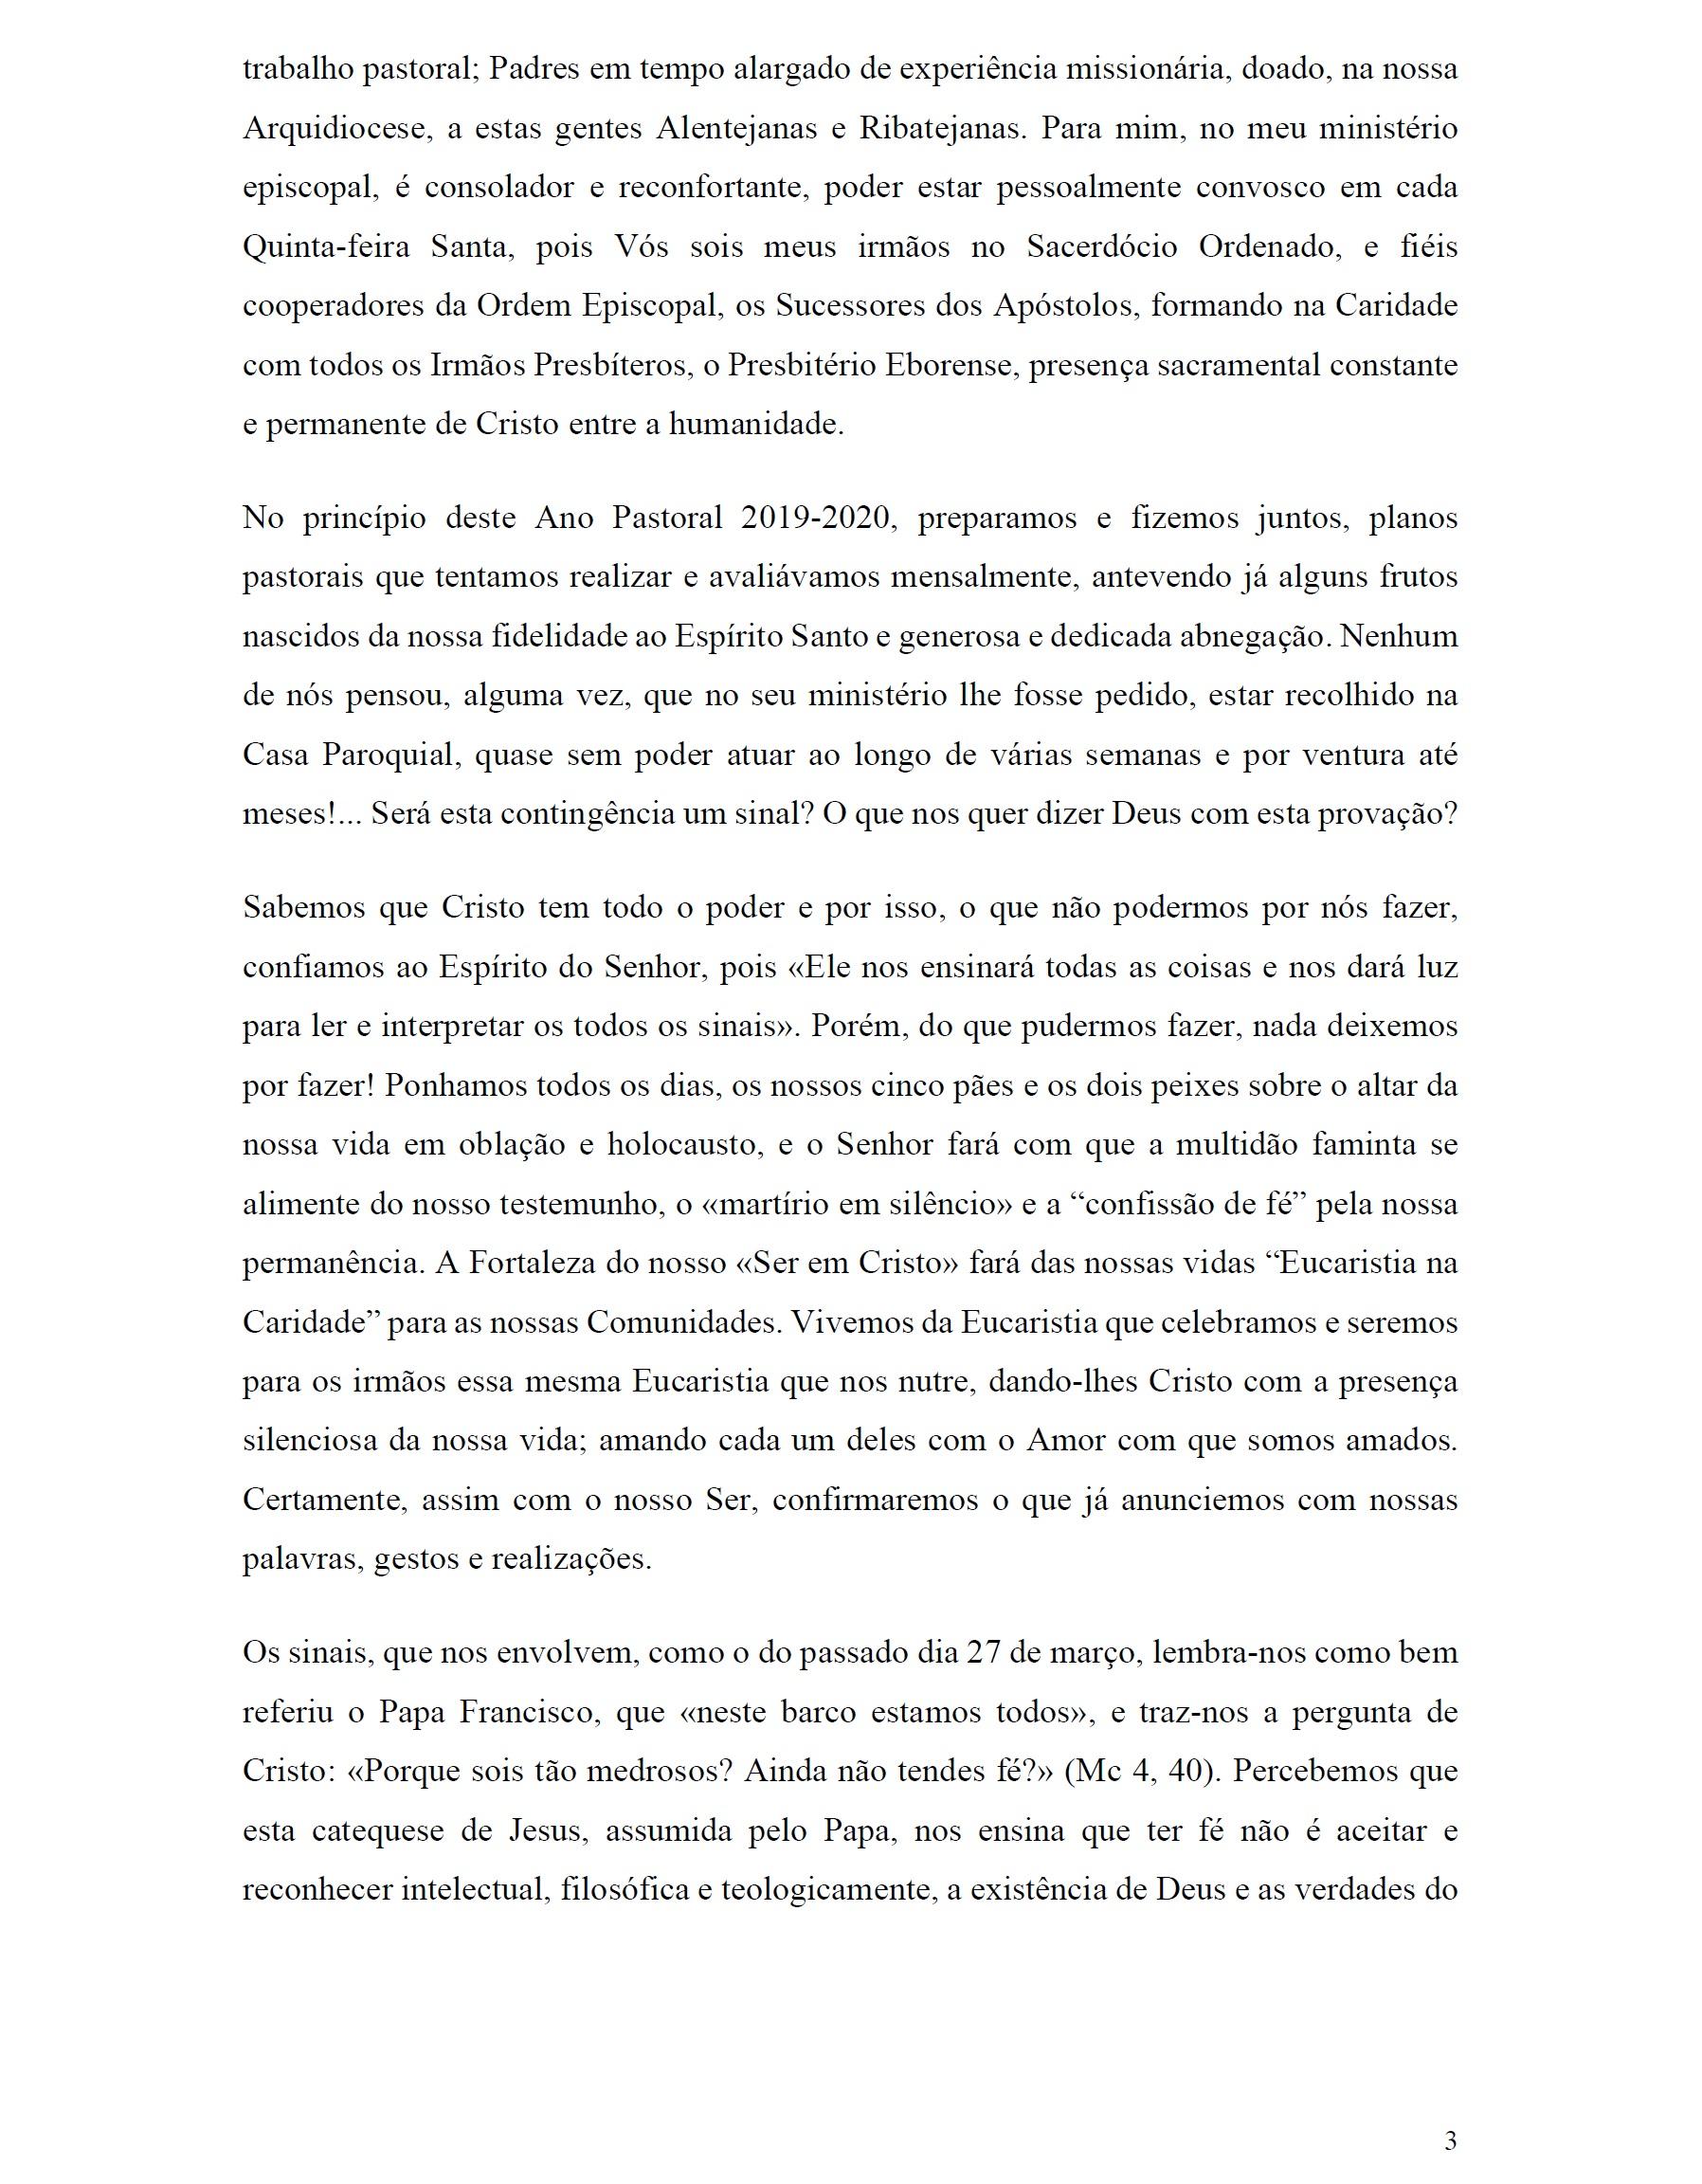 2 - Carta ao Presbitério de Évora 03_04_2020_3